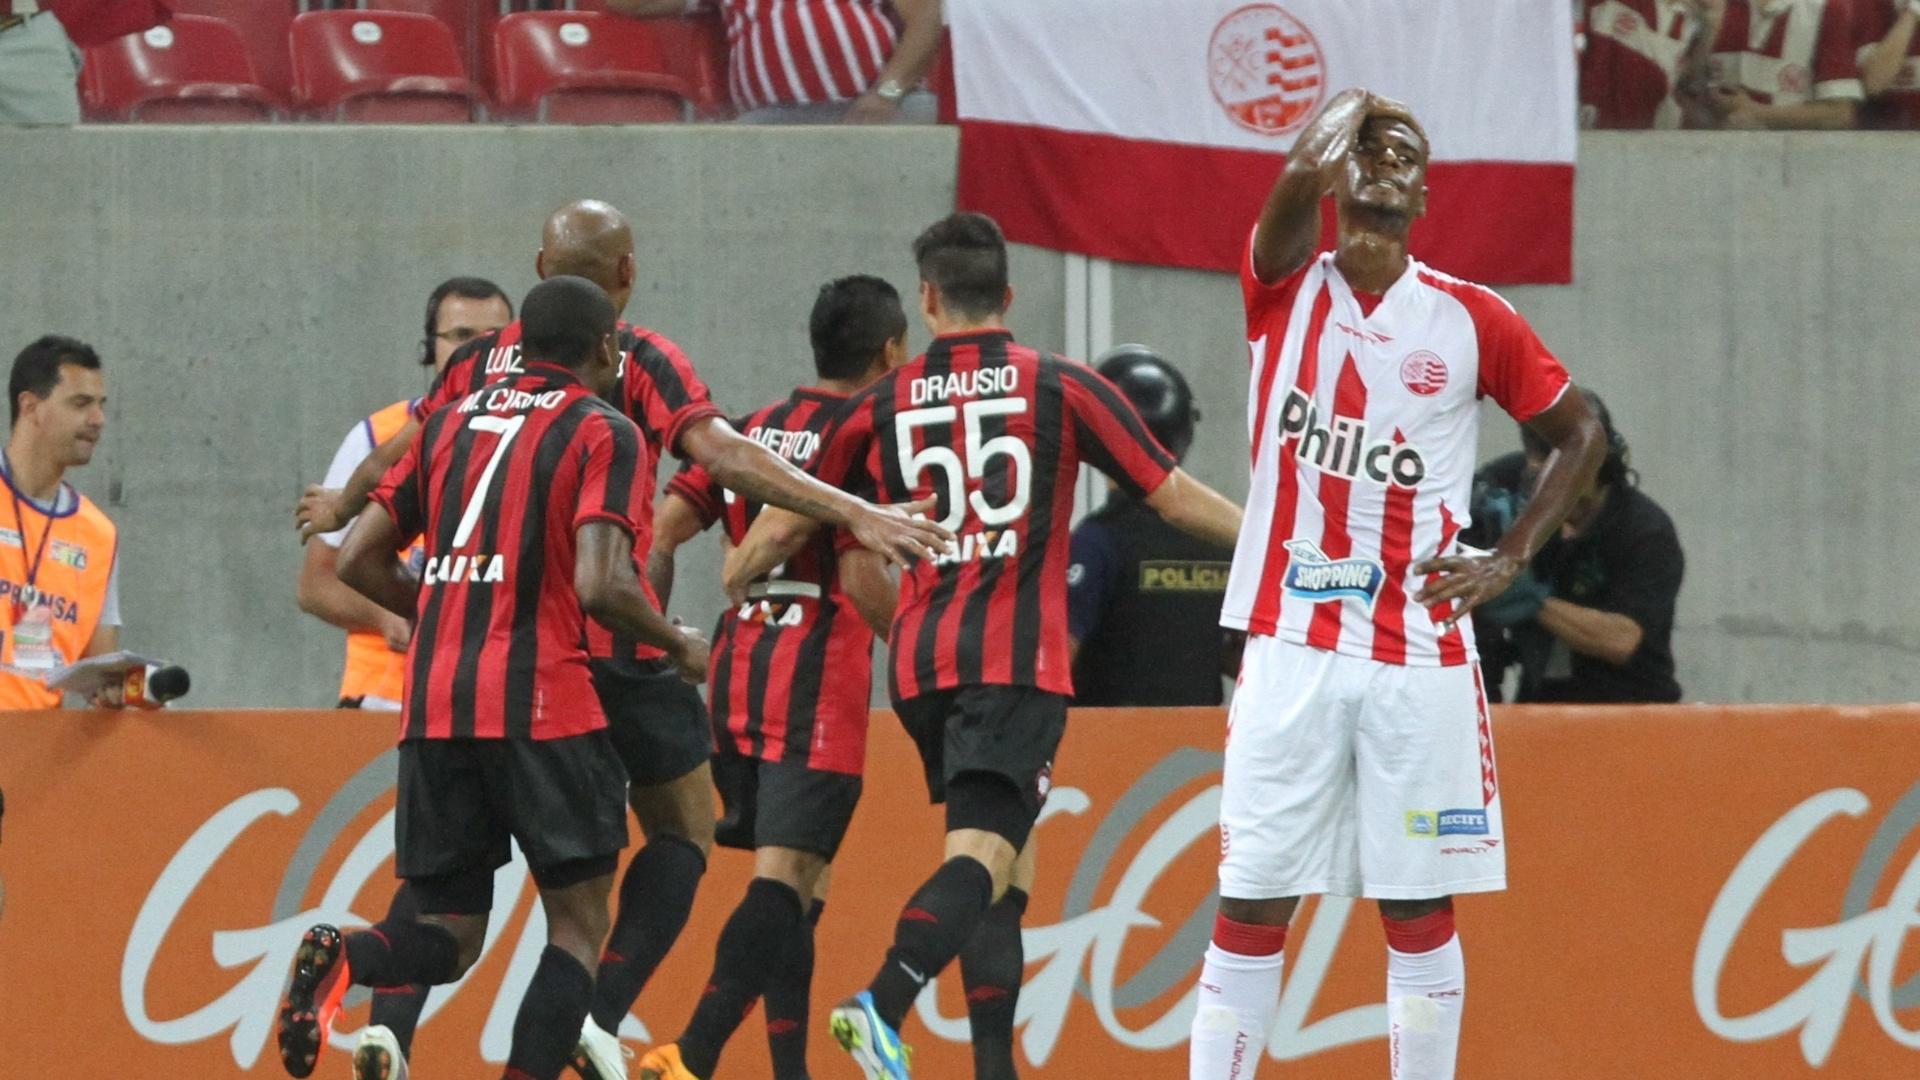 31.ago.2013 - Jogadores do Atlético-PR comemoram gol marcado na partida contra o Náutico, pelo Brasileirão